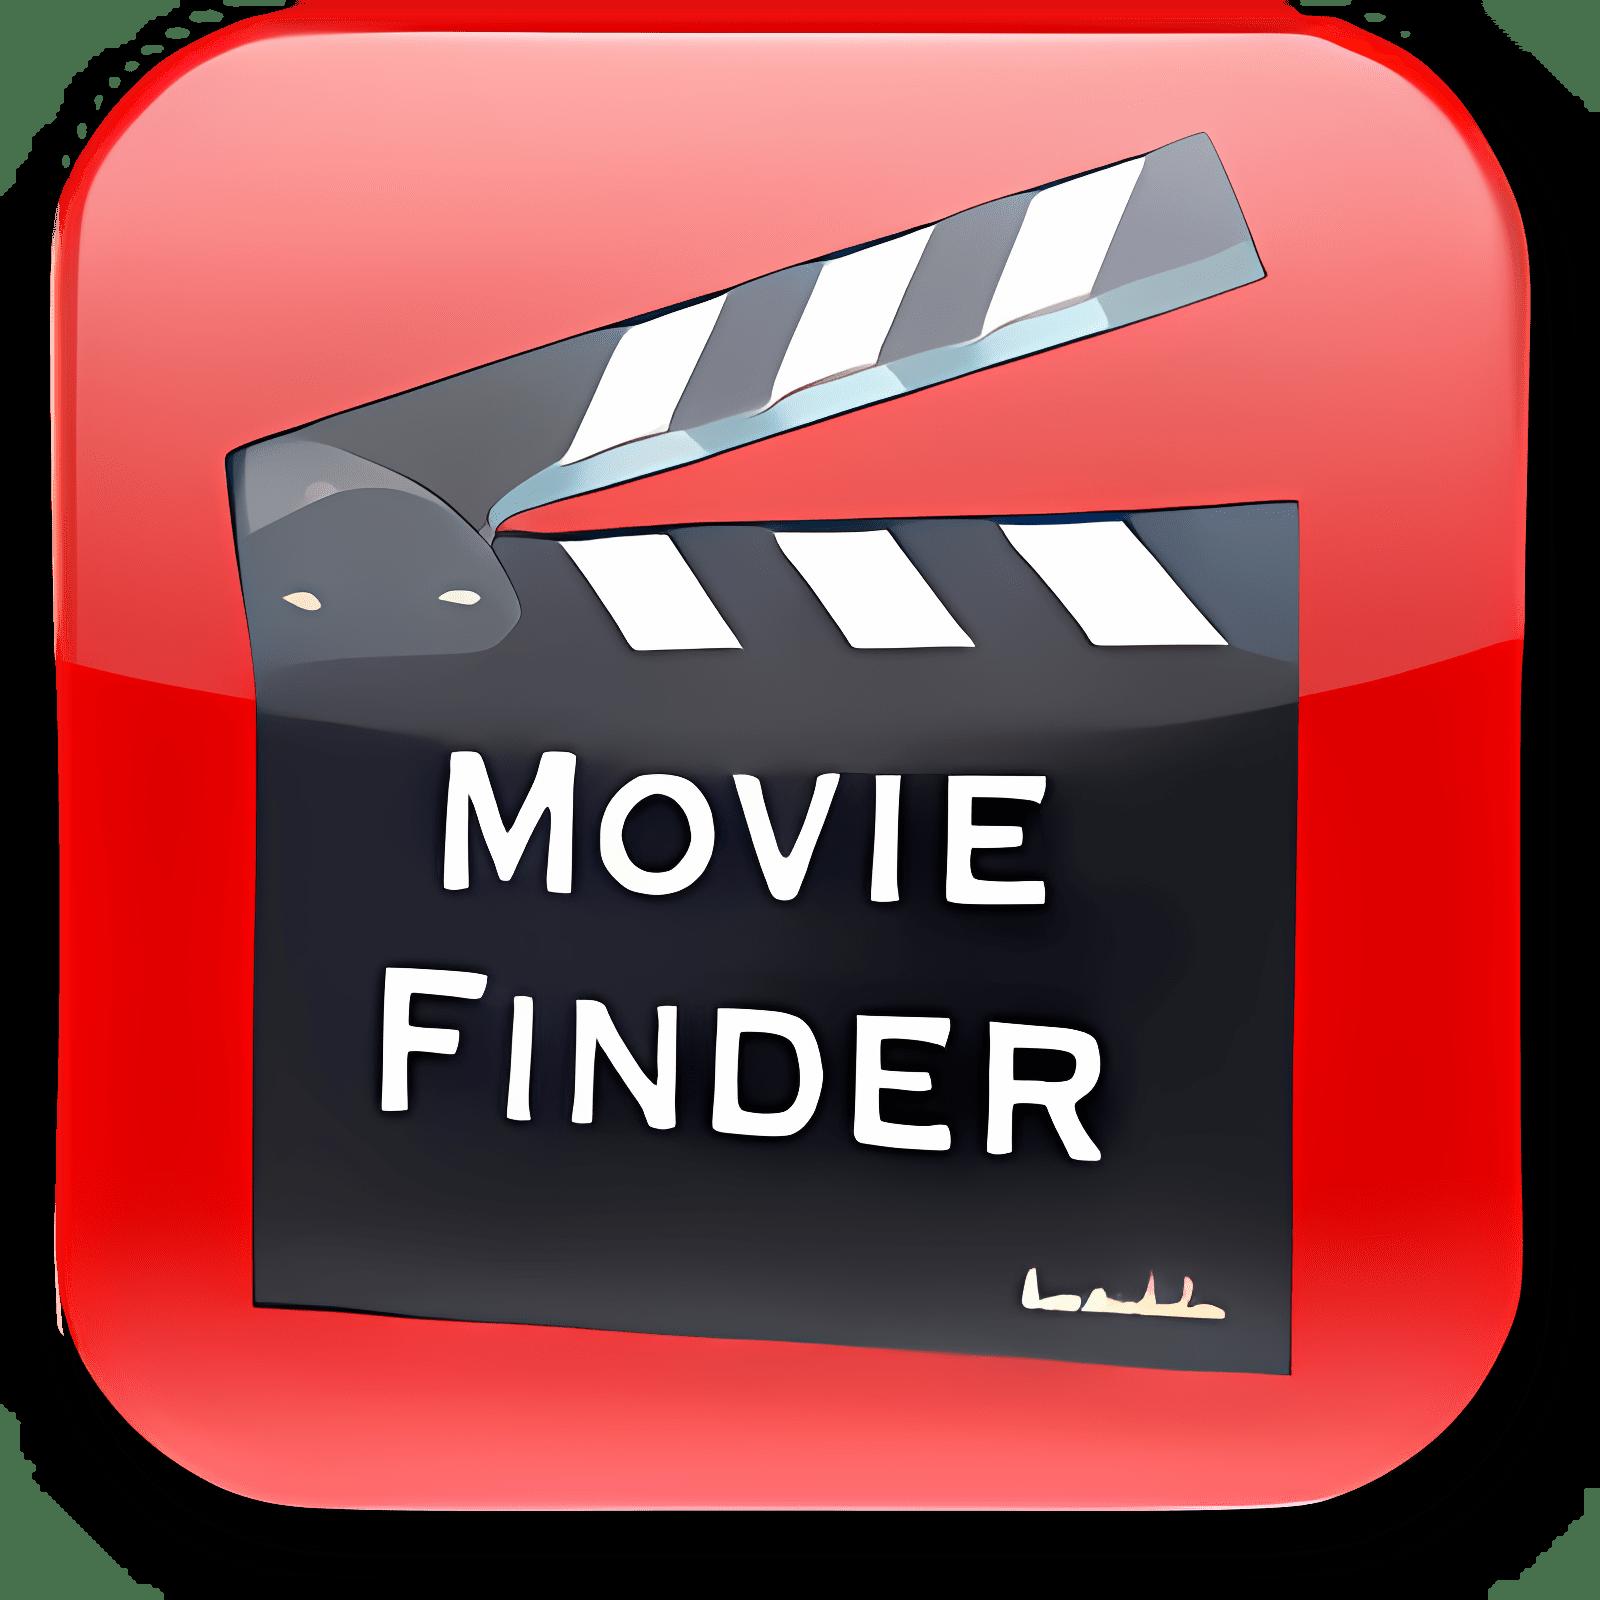 Movie Finder